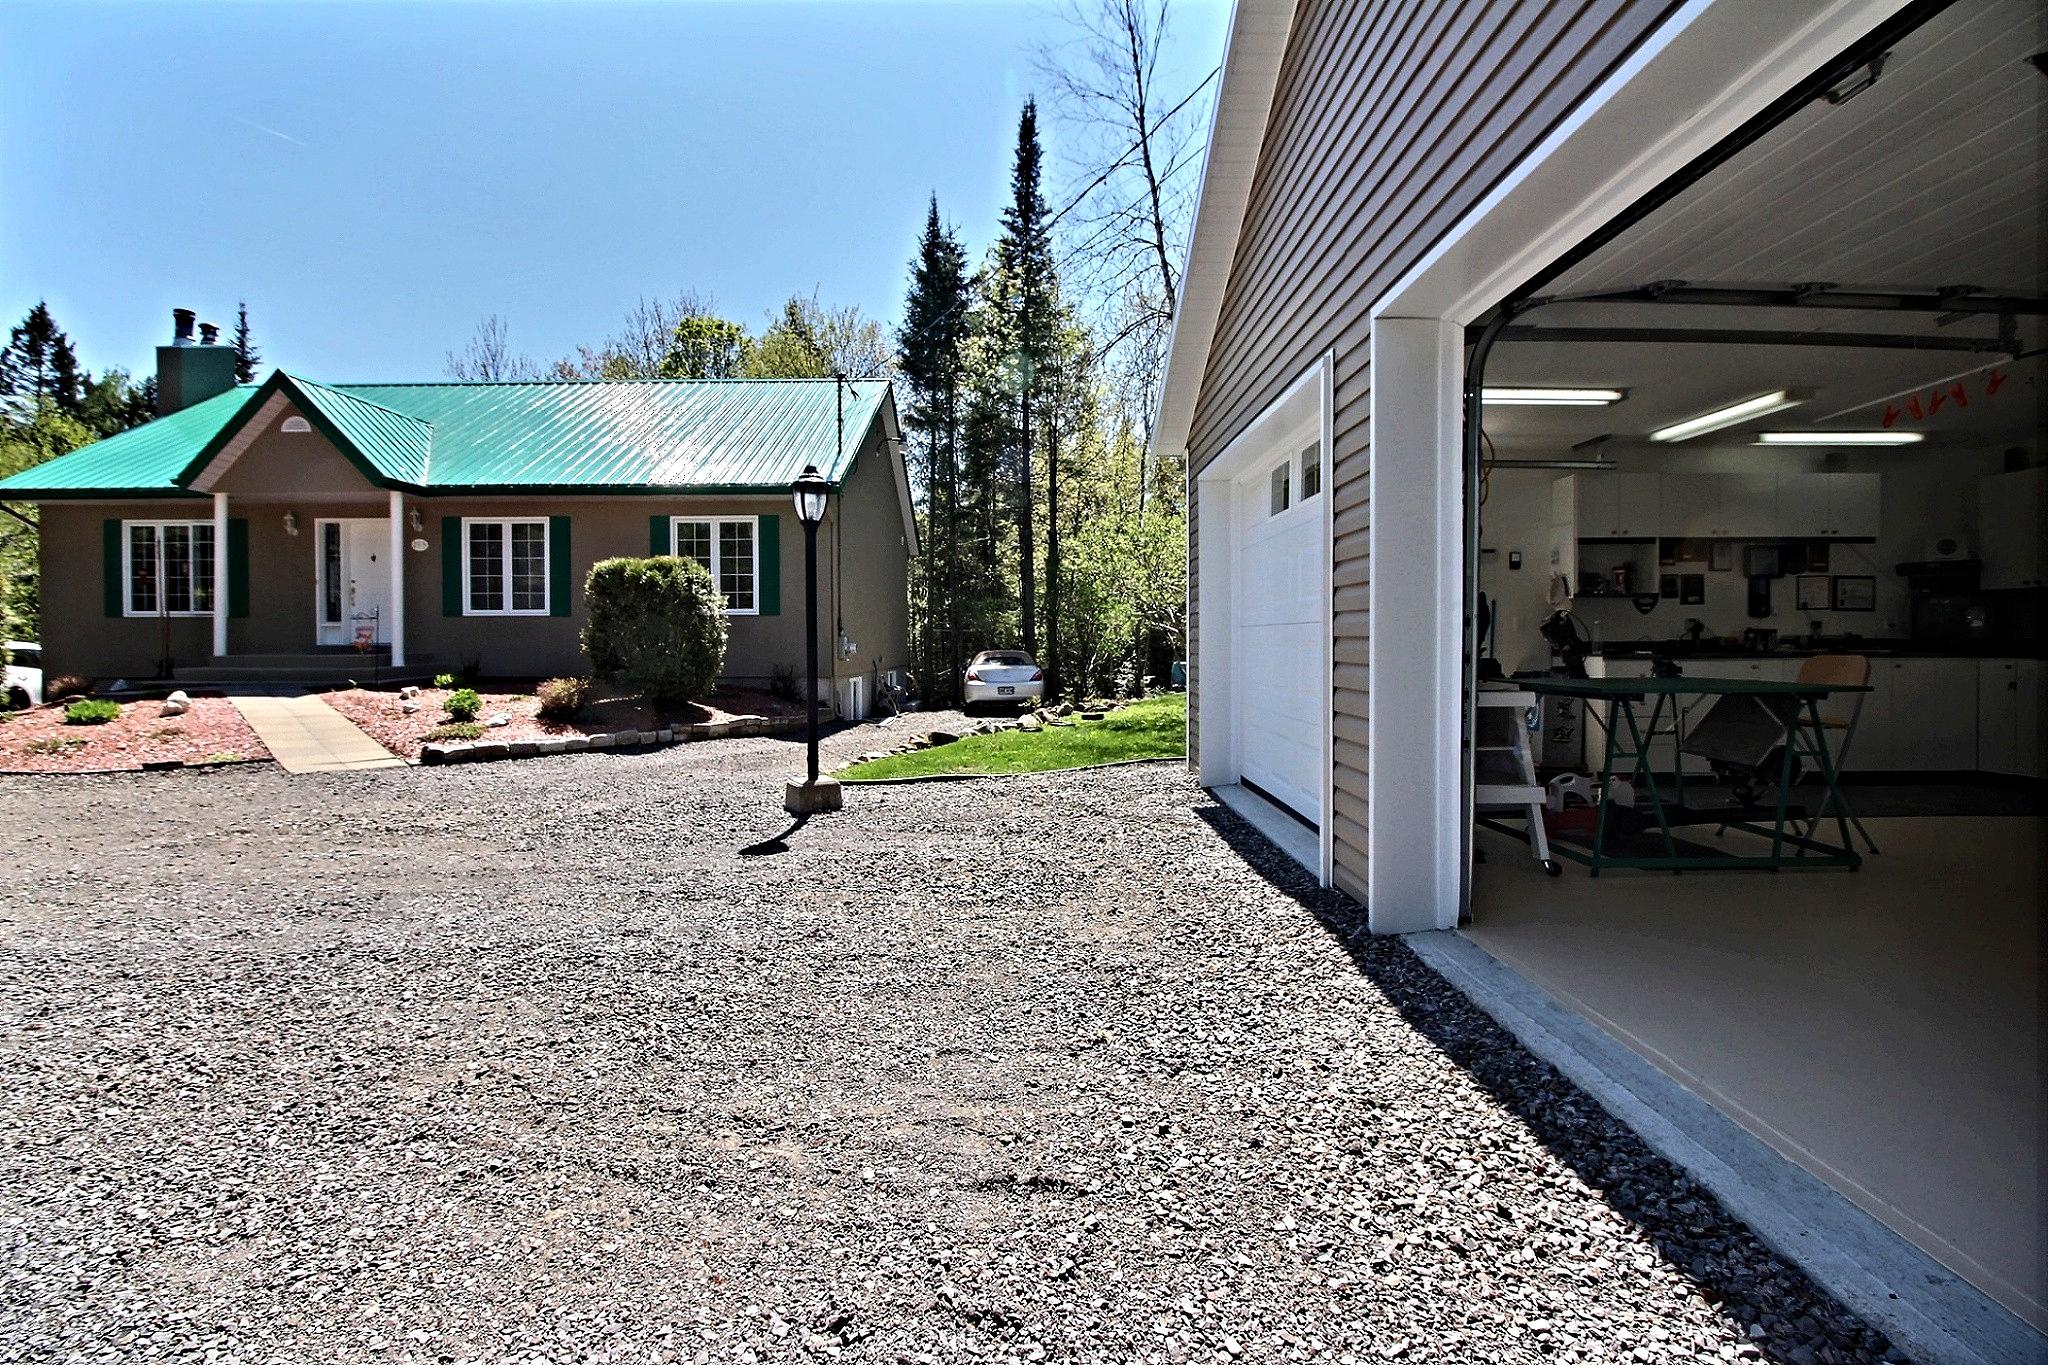 maison-à-vendre-293-chemin-des-lacs-lac-beauport-david-fafard+(35).jpg